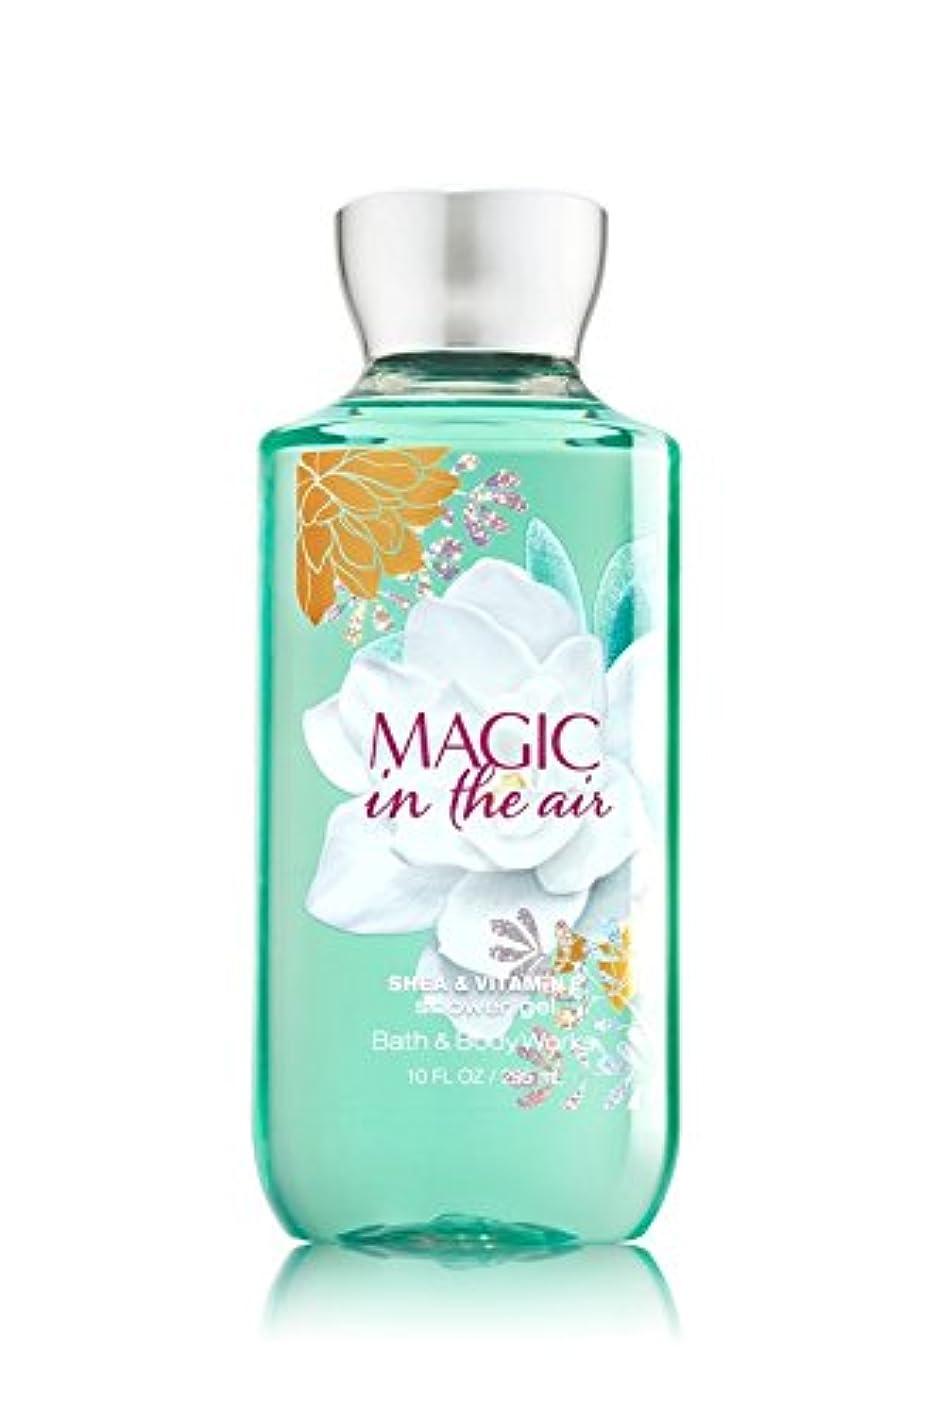 小間ケニアリッチ【Bath&Body Works/バス&ボディワークス】 シャワージェル マジックインザエアー Shower Gel Magic in the Air 10 fl oz / 295 mL [並行輸入品]